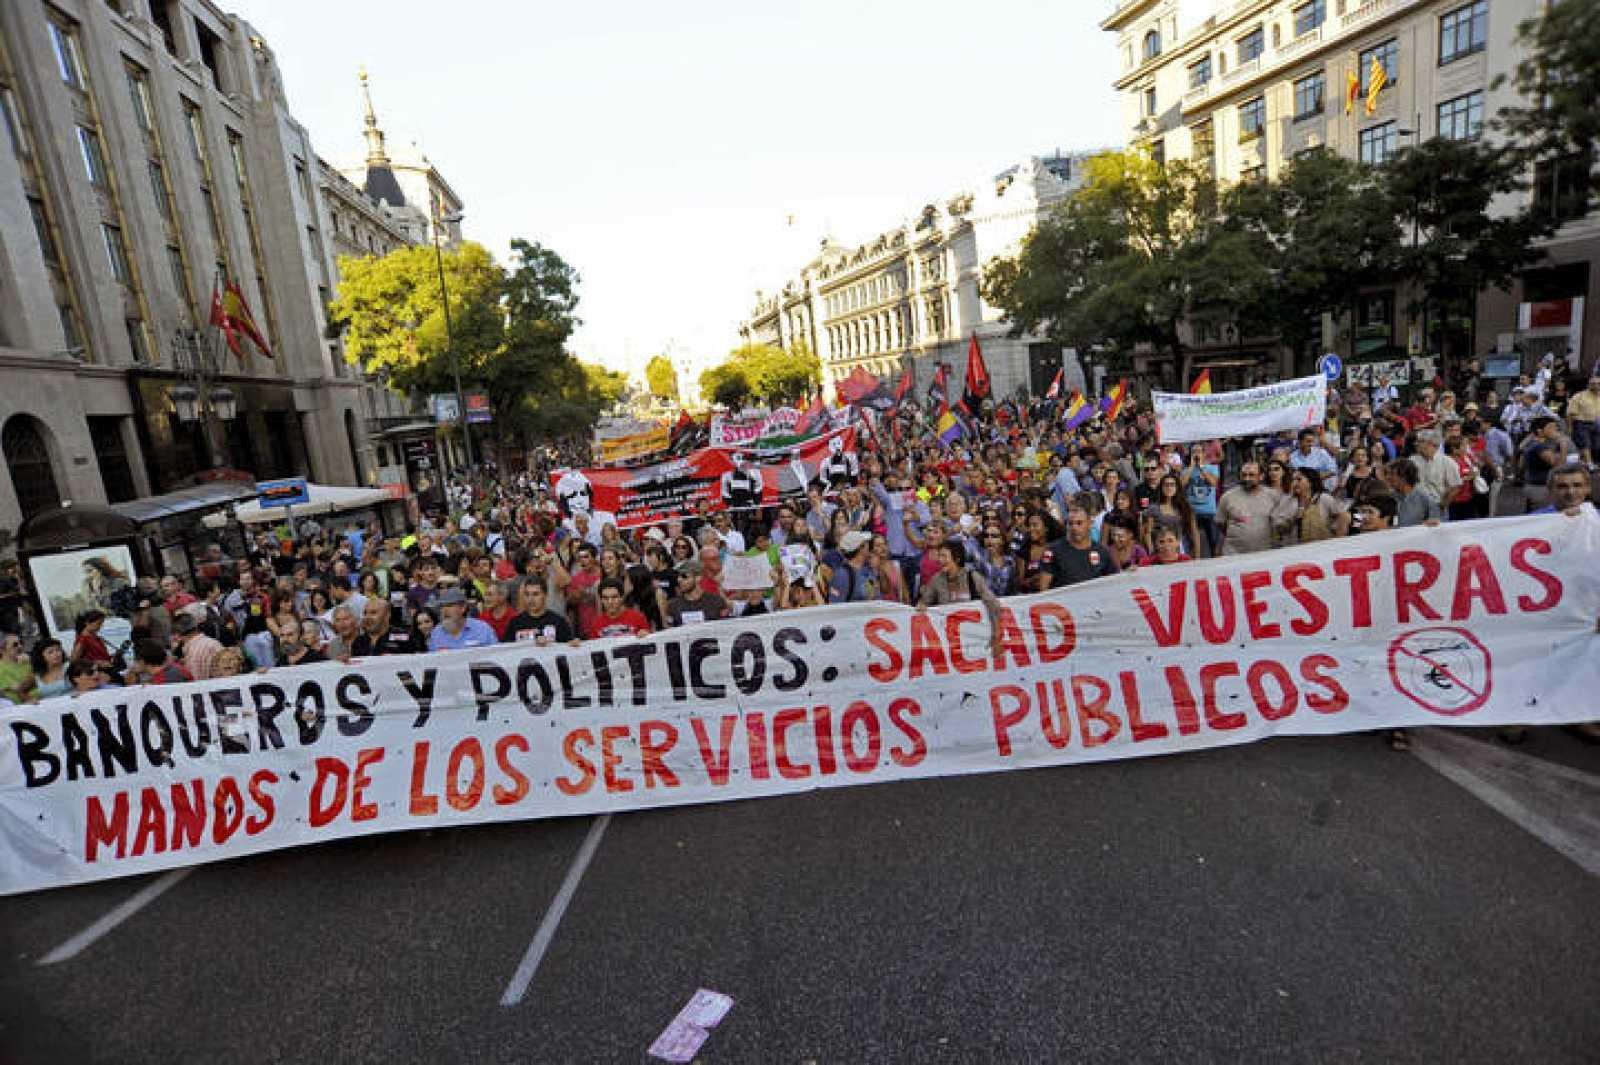 Manifestación contra la privatización de los servicios públicos en Madrid